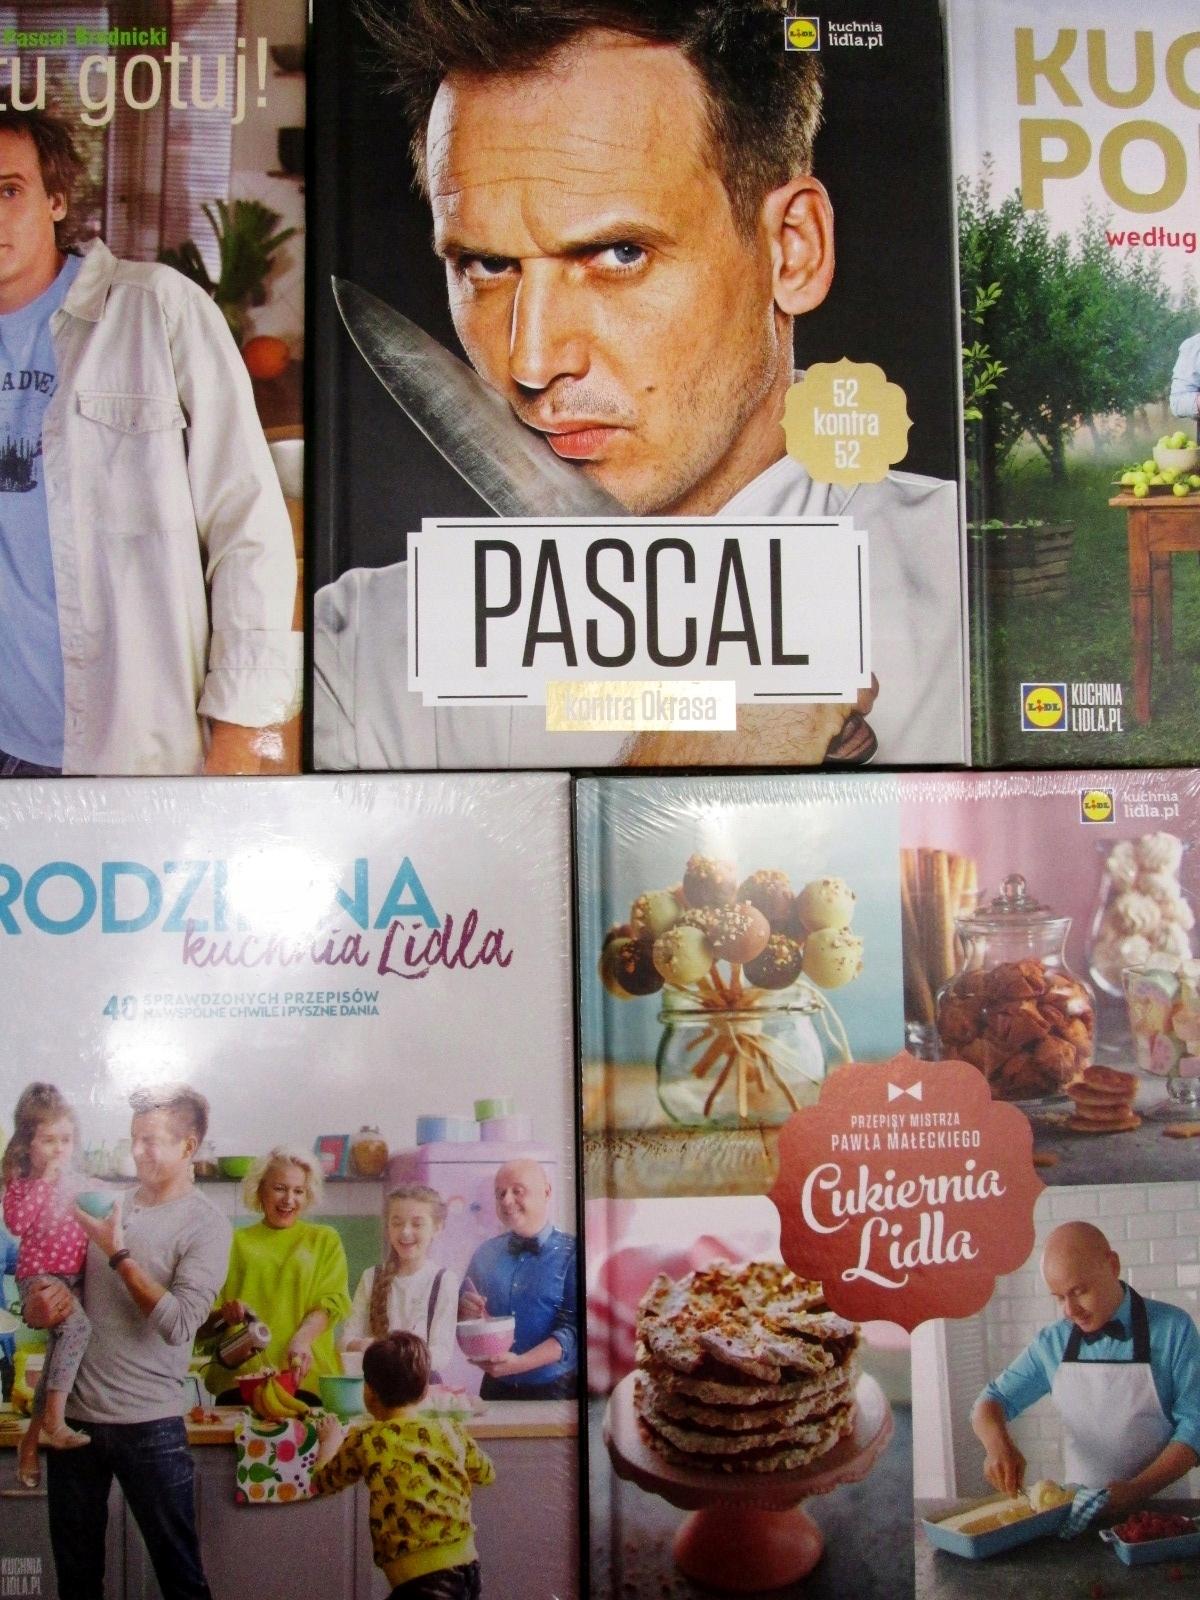 Pascal Kontra Okrasa Kuchnia Lidla Inne X5 7539113430